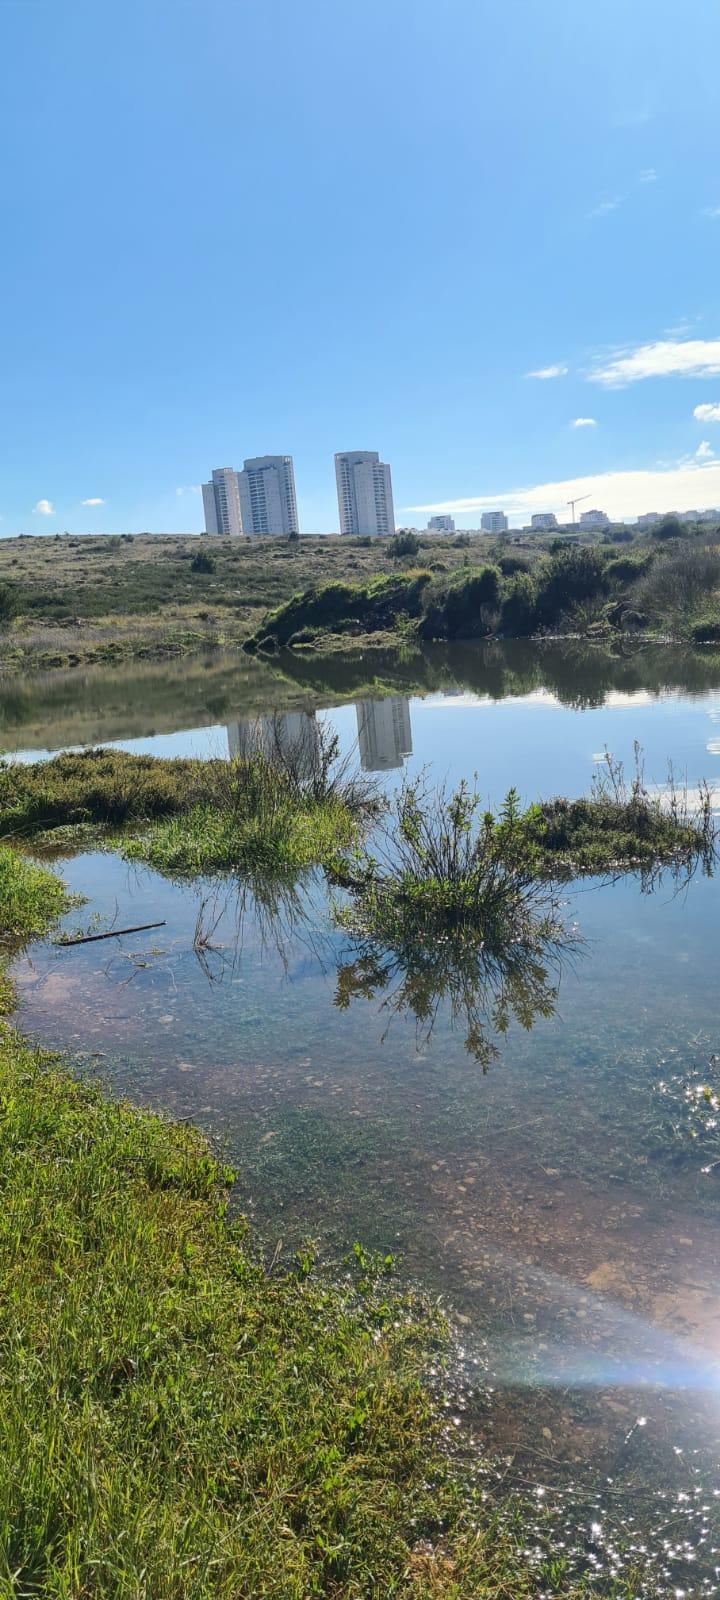 האגם הנסתר במודיעין